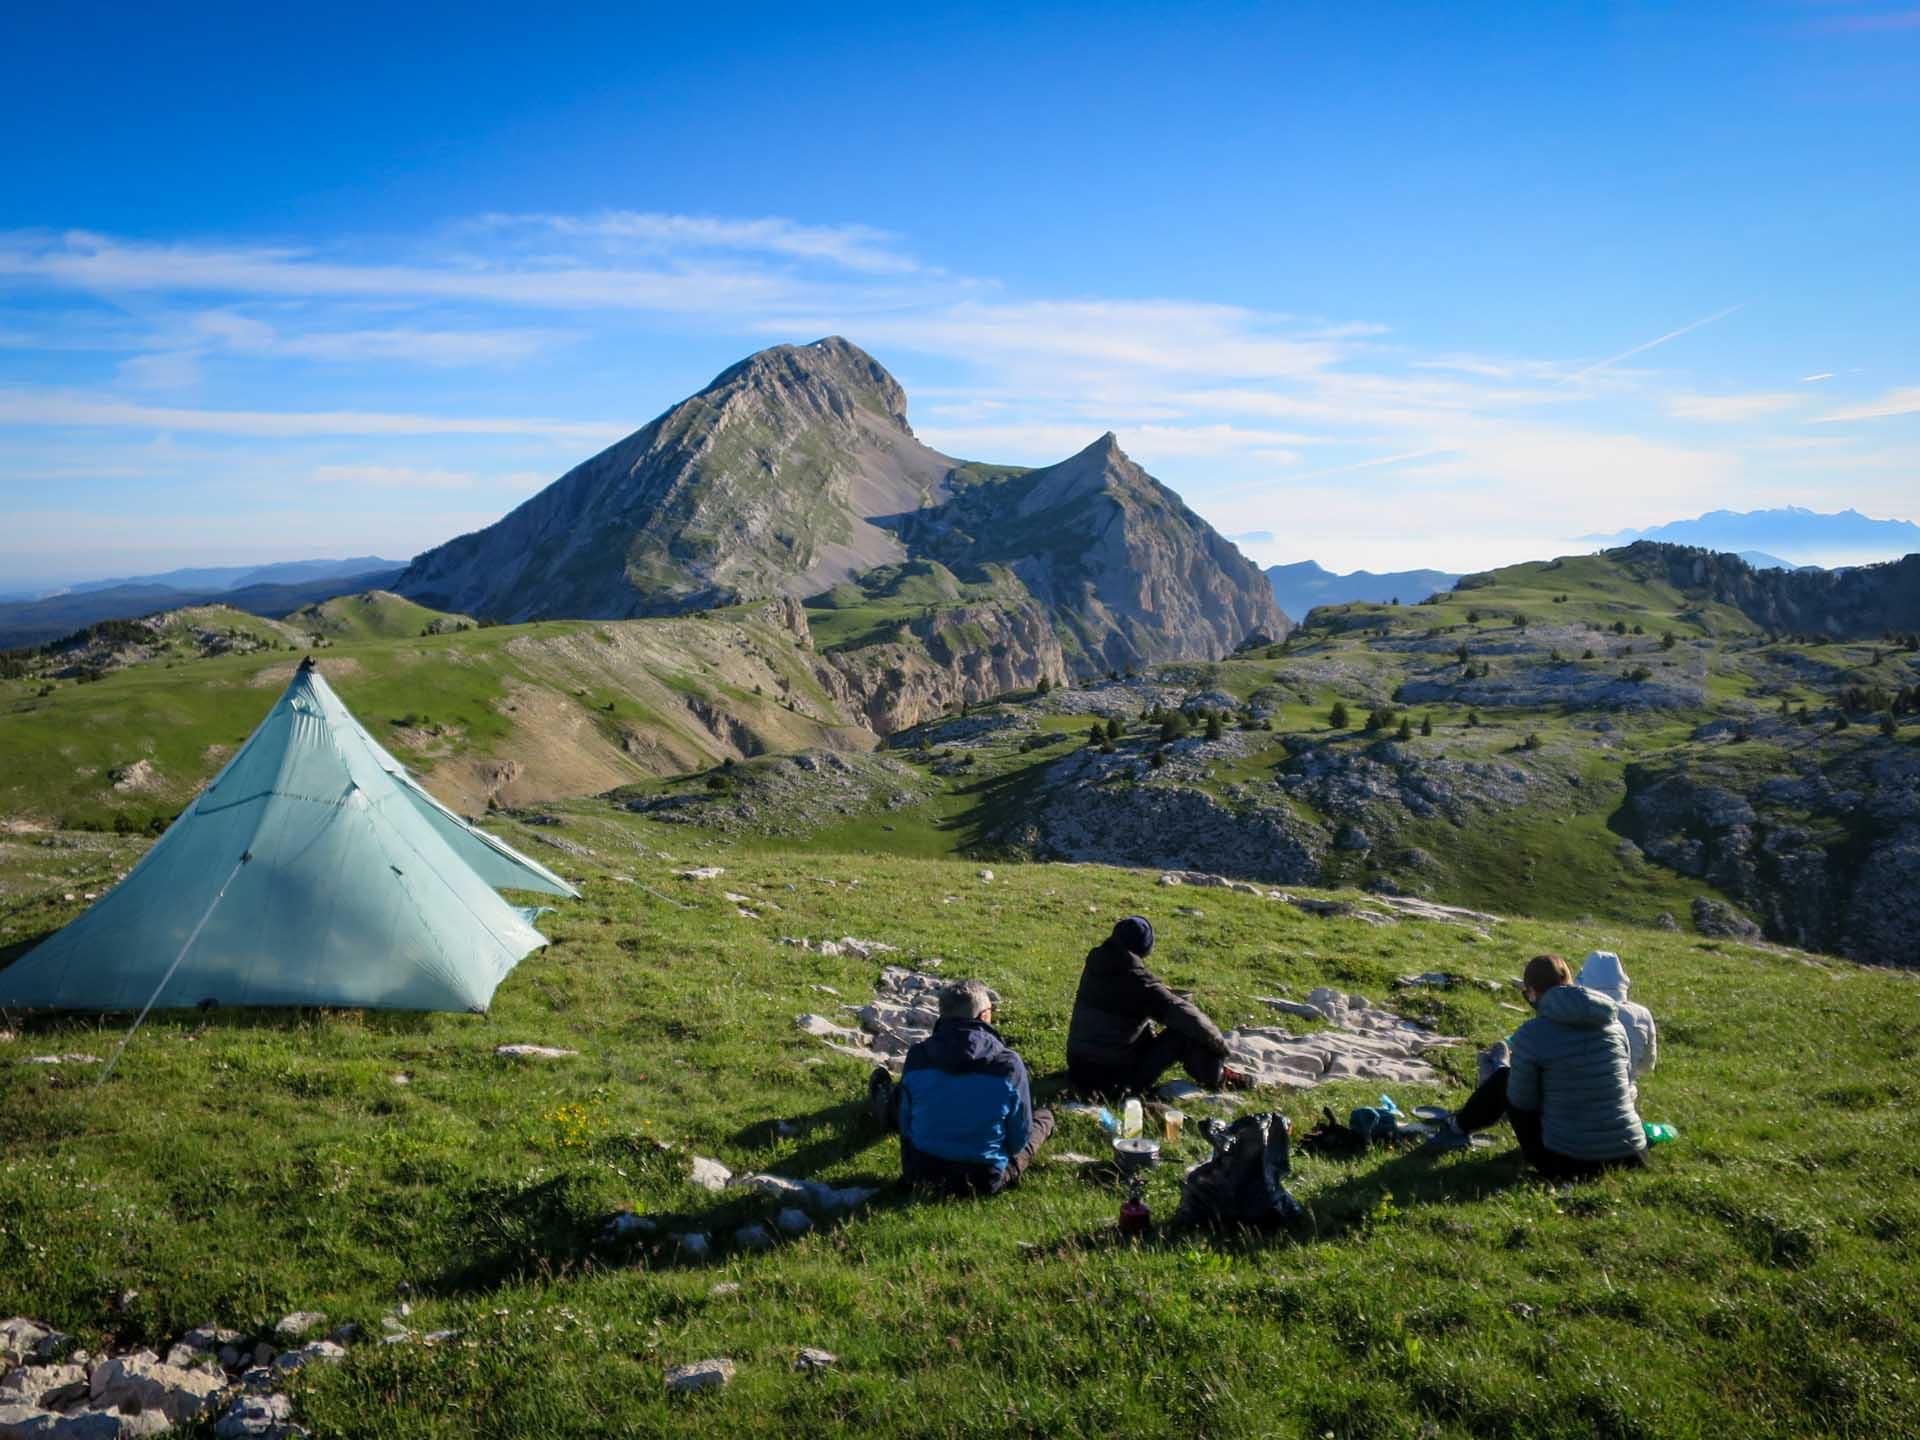 Petit Dejeuner Tipi Grand Veymont Hauts Plateaux Vercors Itinerance Sejour Trek Tente Slow Rando